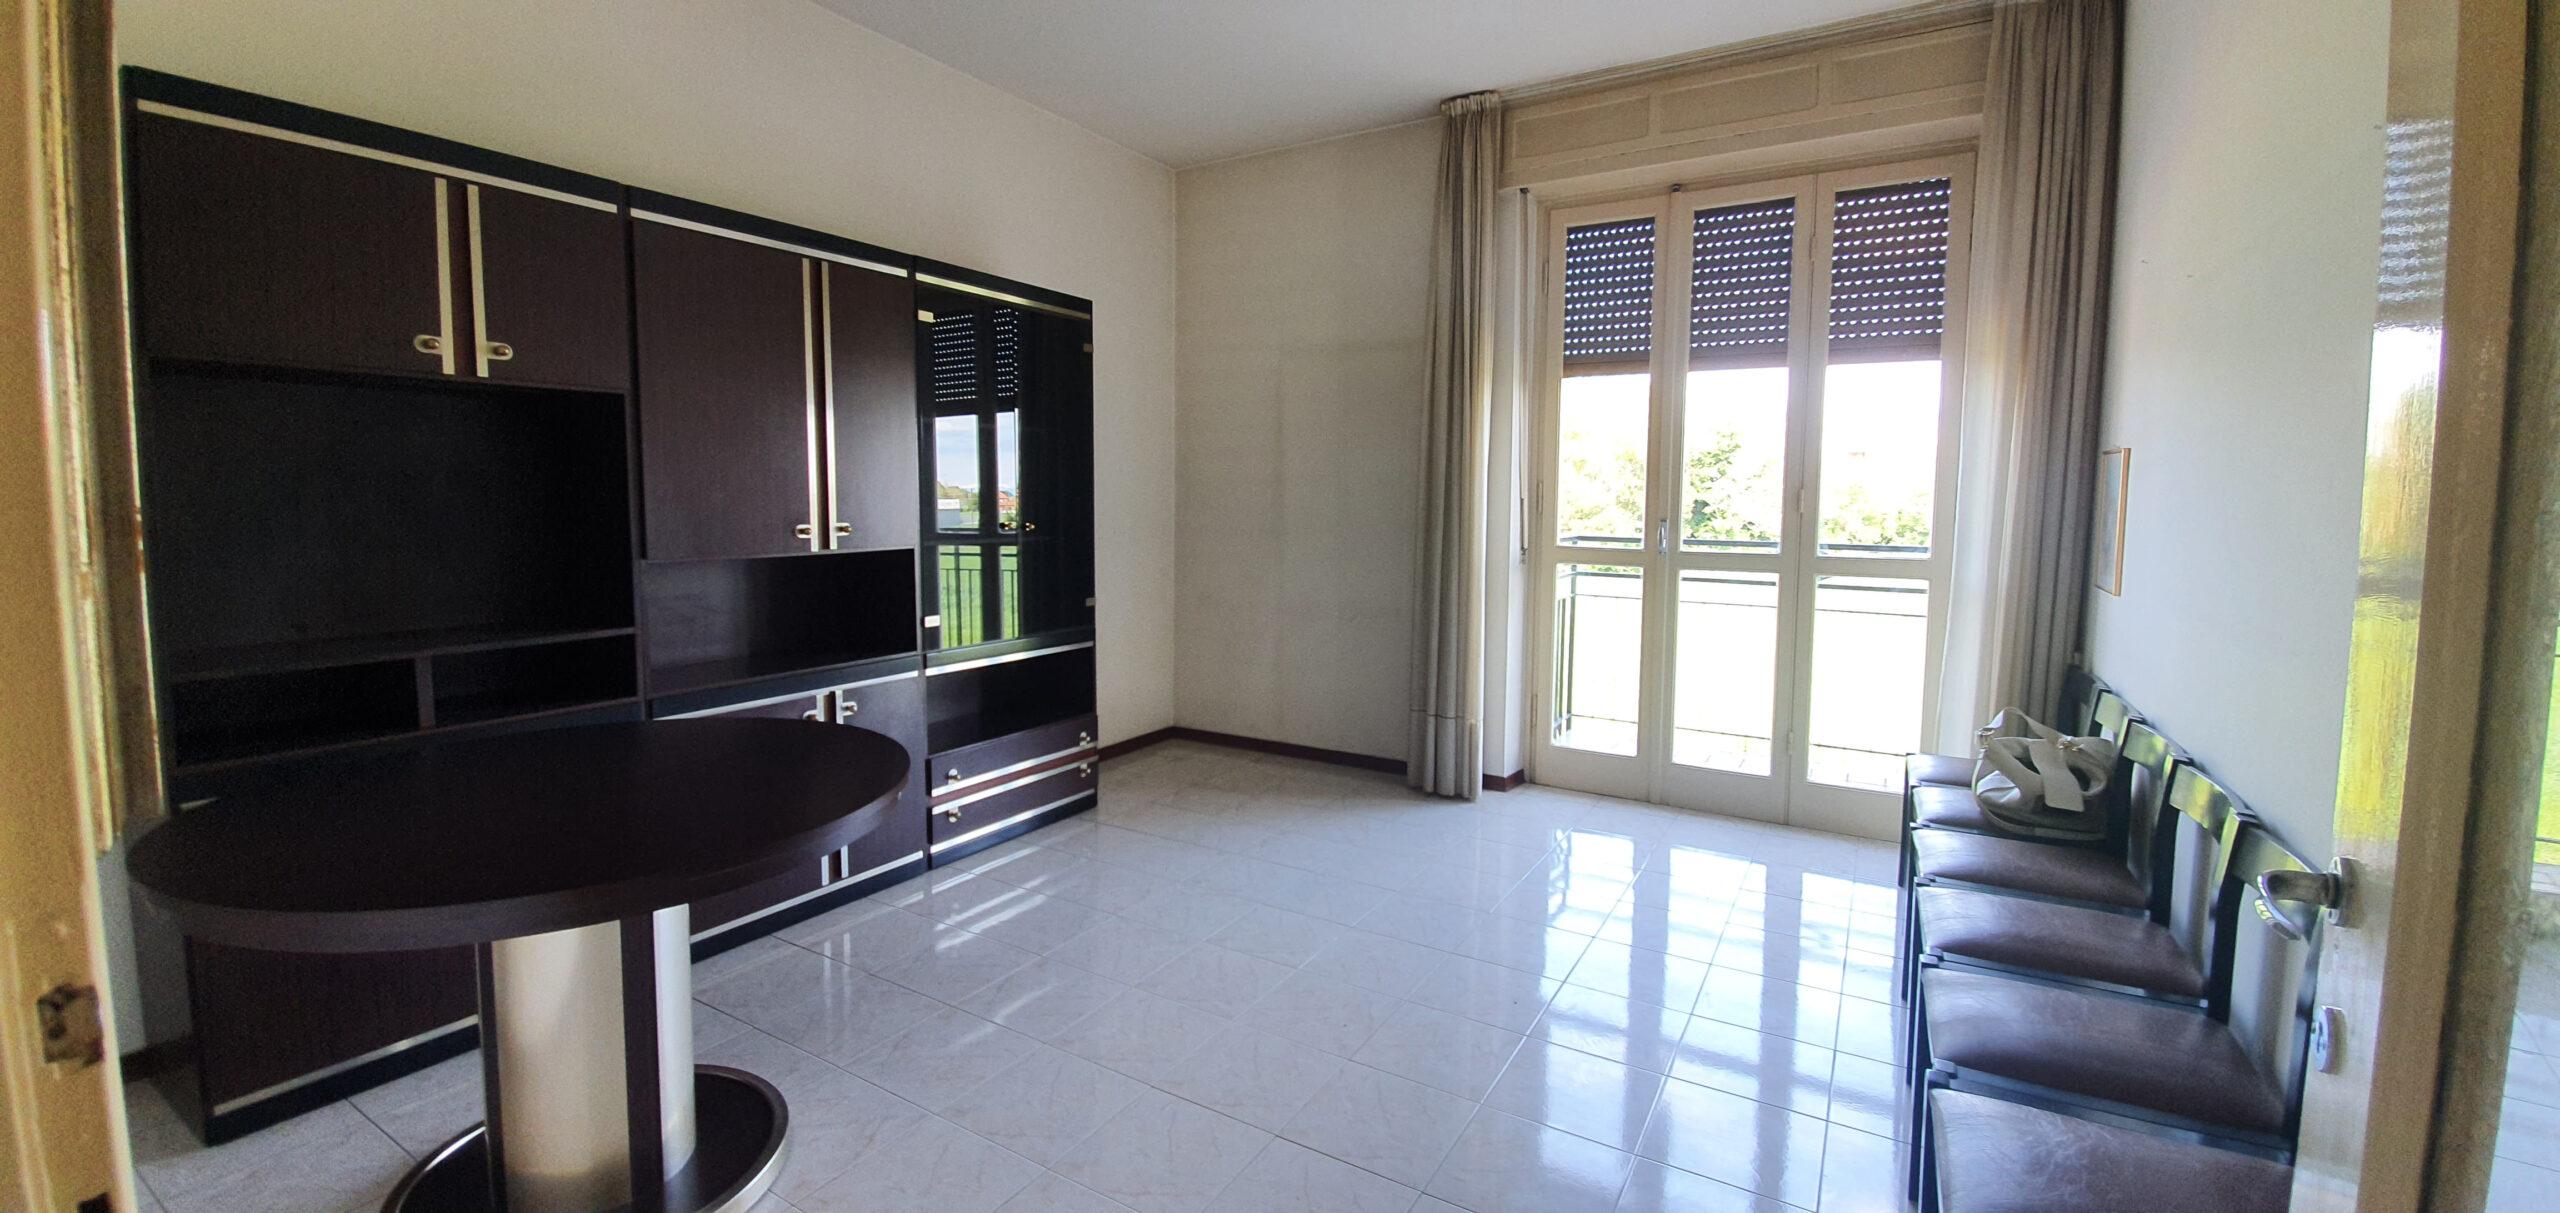 Appartamento termoautonomo, in vendita a Busto Arsizio